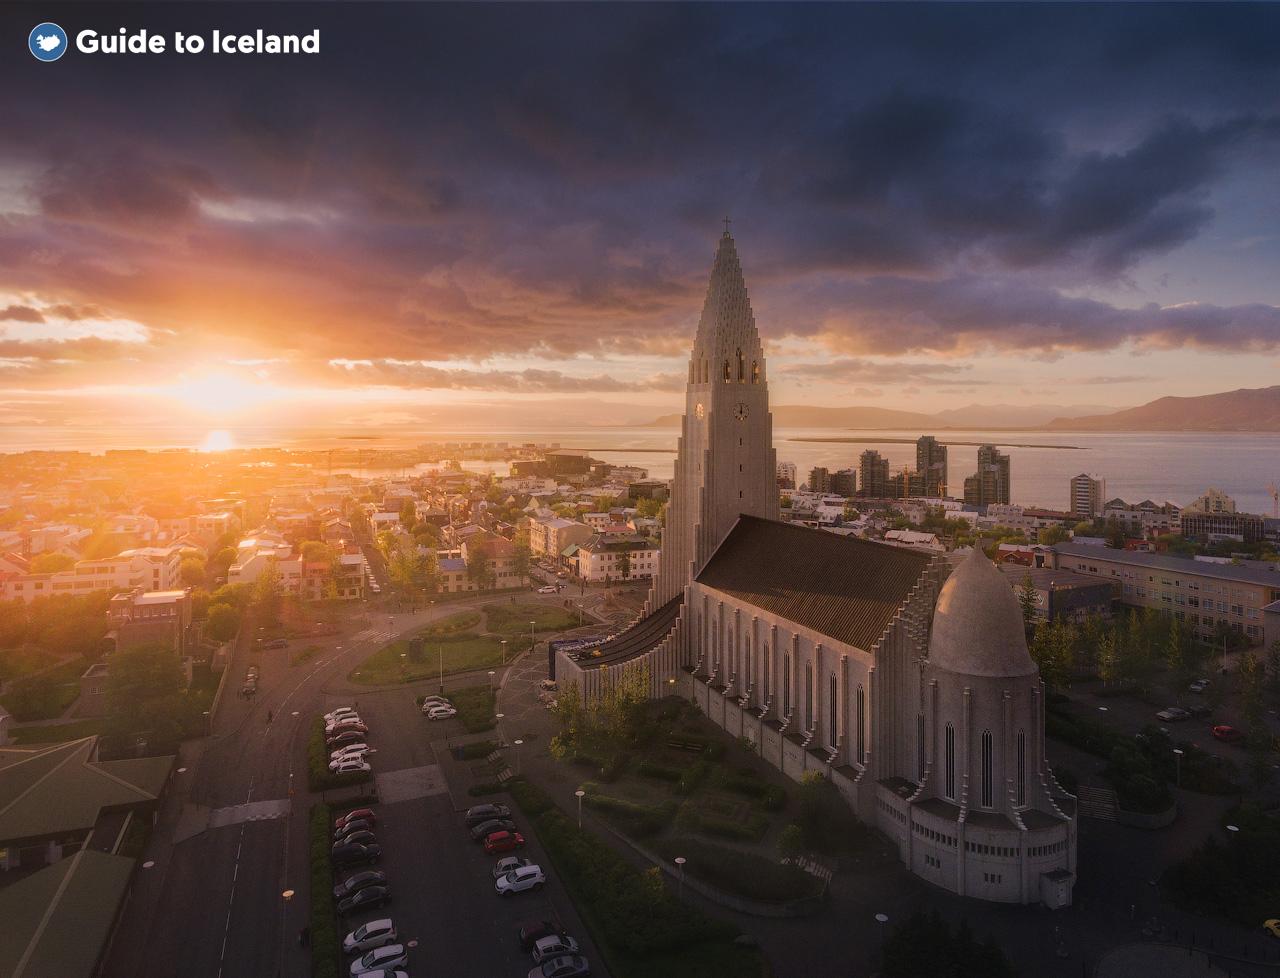 Islands hovedstad, Reykjavík, er berømt for sine flerfargede hustak.